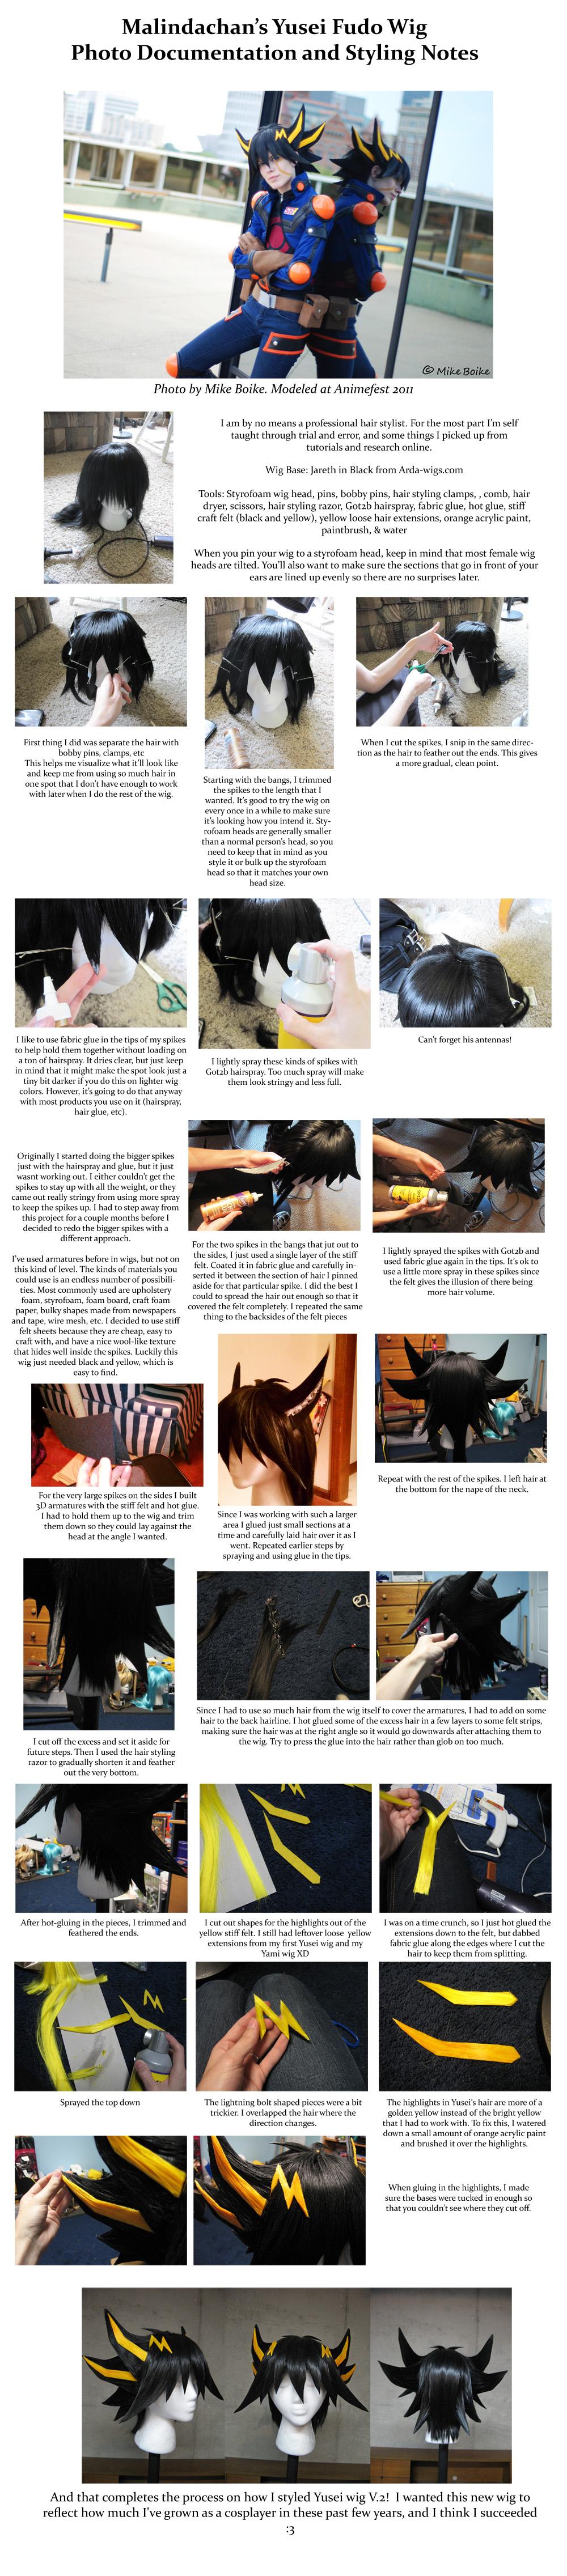 Yusei Fudo Wig tutorial v2 by Malindachan